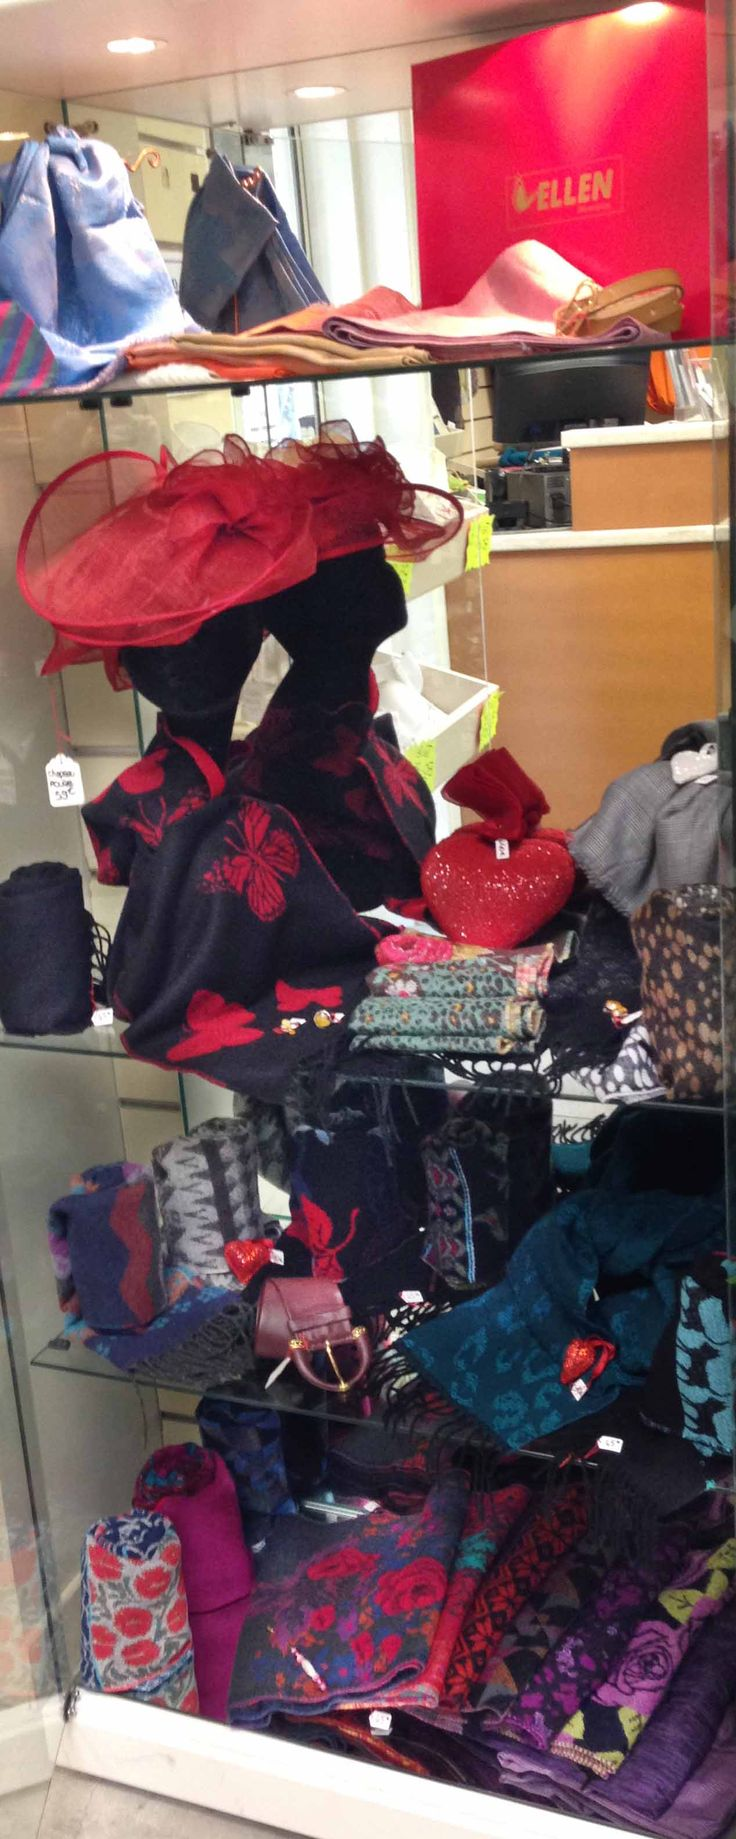 Une sélection de foulards haut de gamme, fabrication française, quantité limitée. Idéal pour vos cadeaux d'exception, disponibles au rayon Couture & Haute Couture de vos magasins Ellen. Différentes compositions qui en raviront plus d'un(e). Chaque modèle est unique.